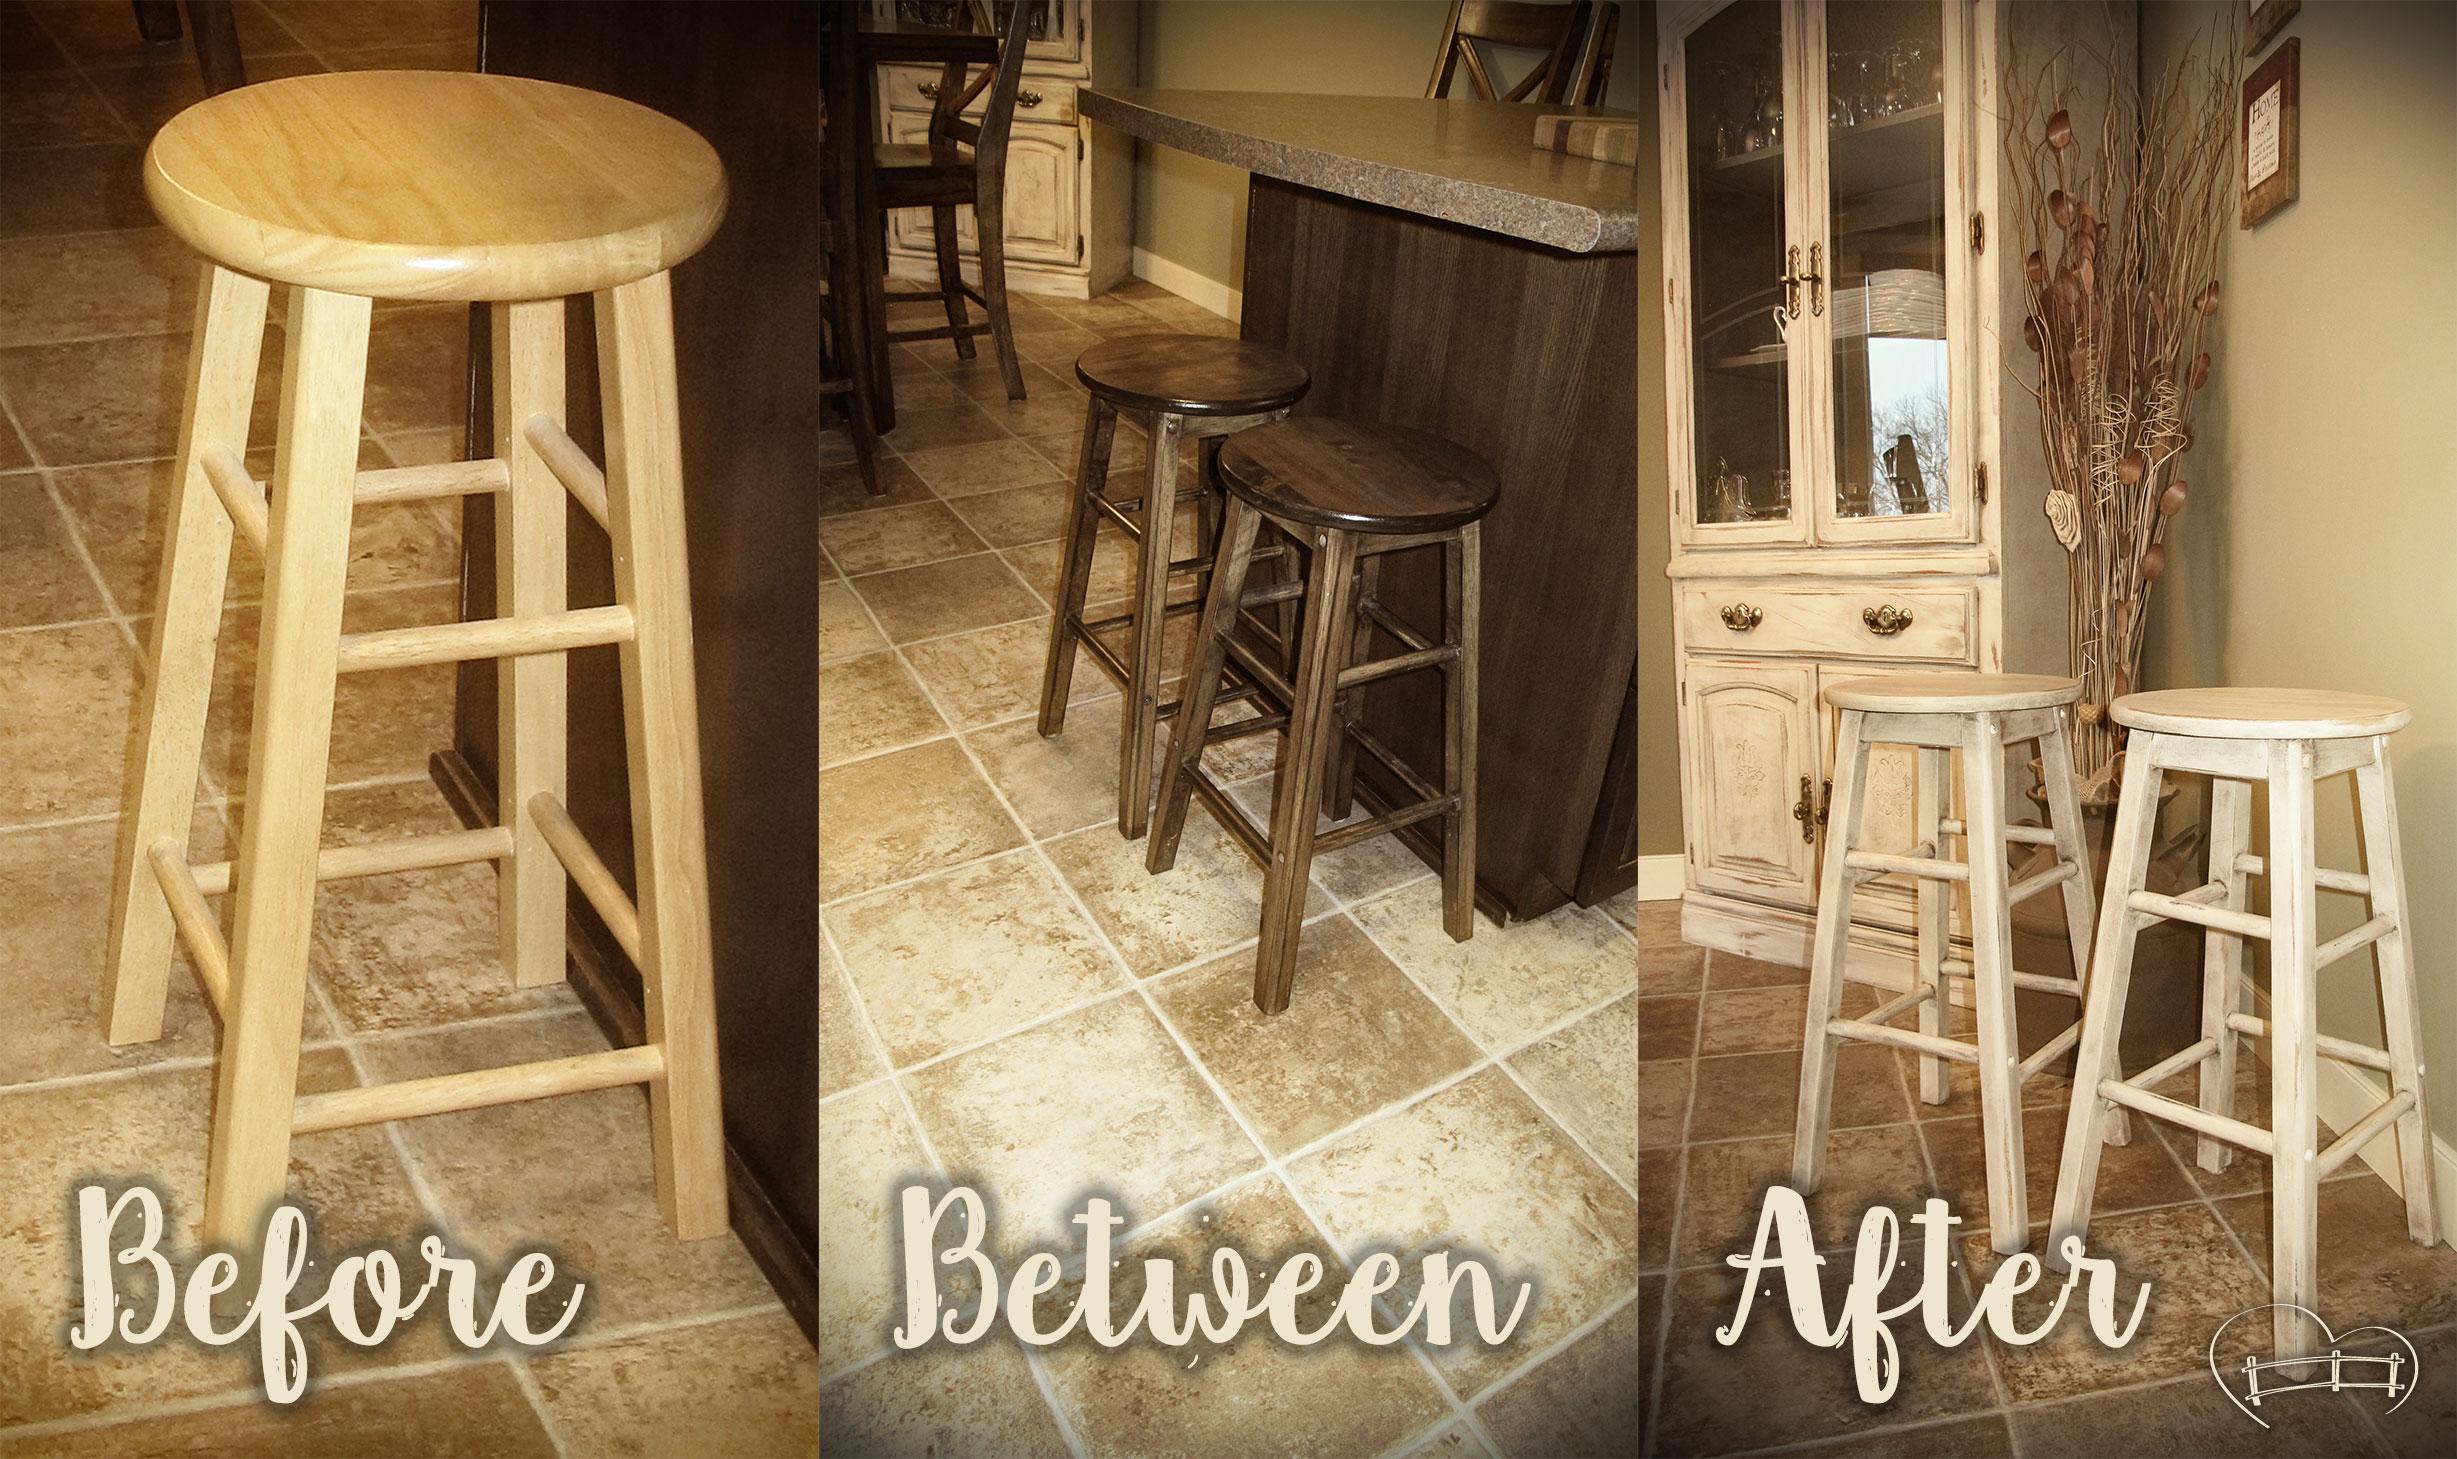 stools-beforebetweenafter